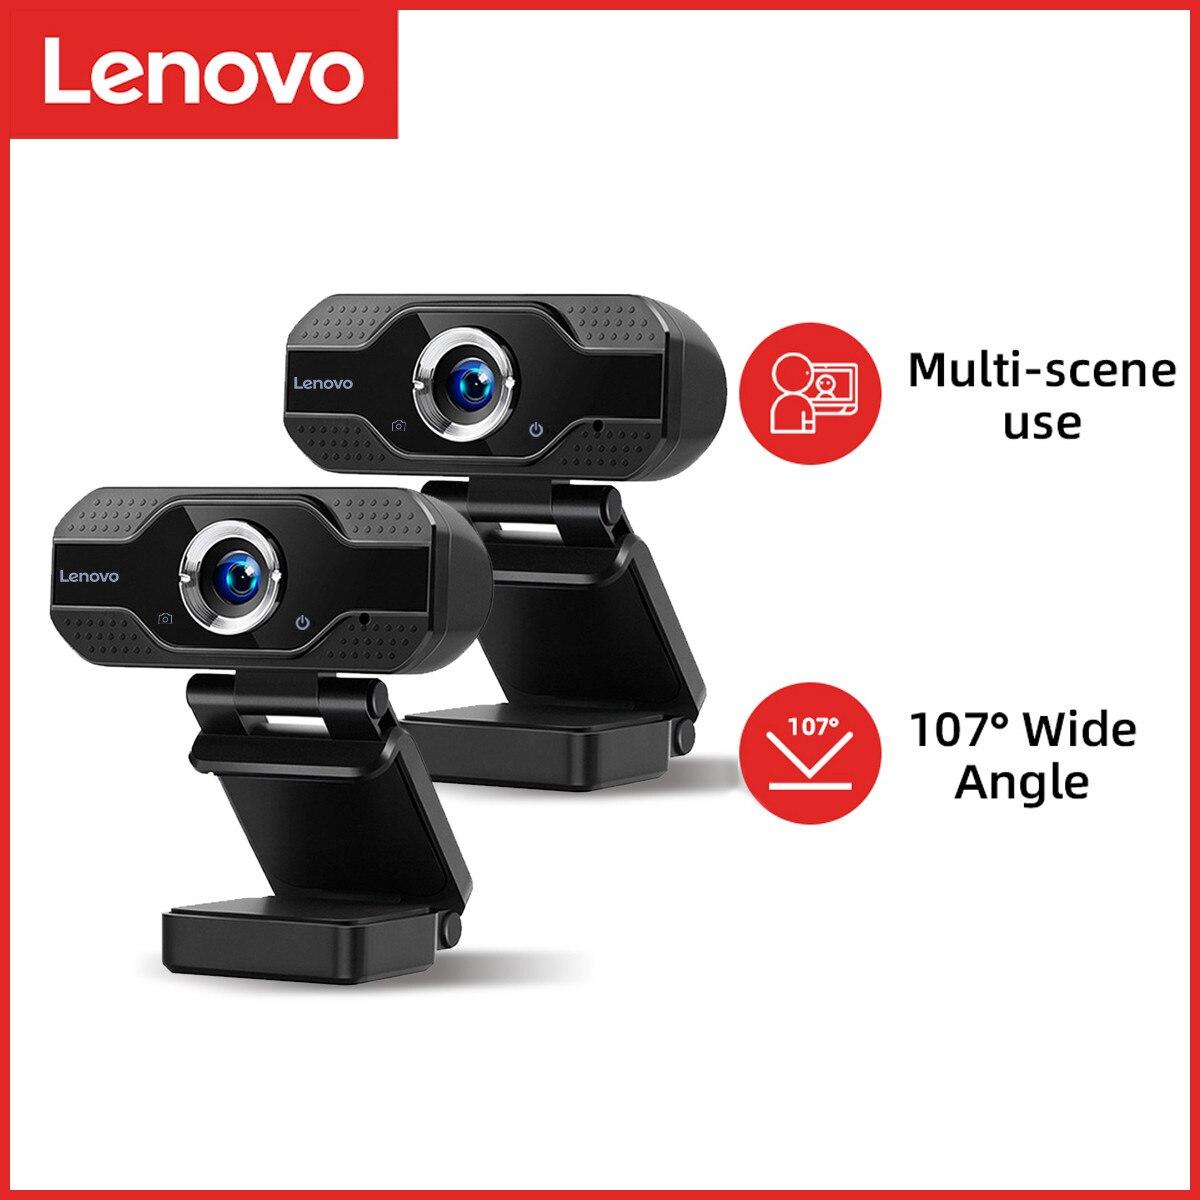 Lenovo1080P веб-камера Мини компьютер ПК веб-камера с микрофоном вращающиеся камеры для прямой трансляции видео вызова Конференции работы